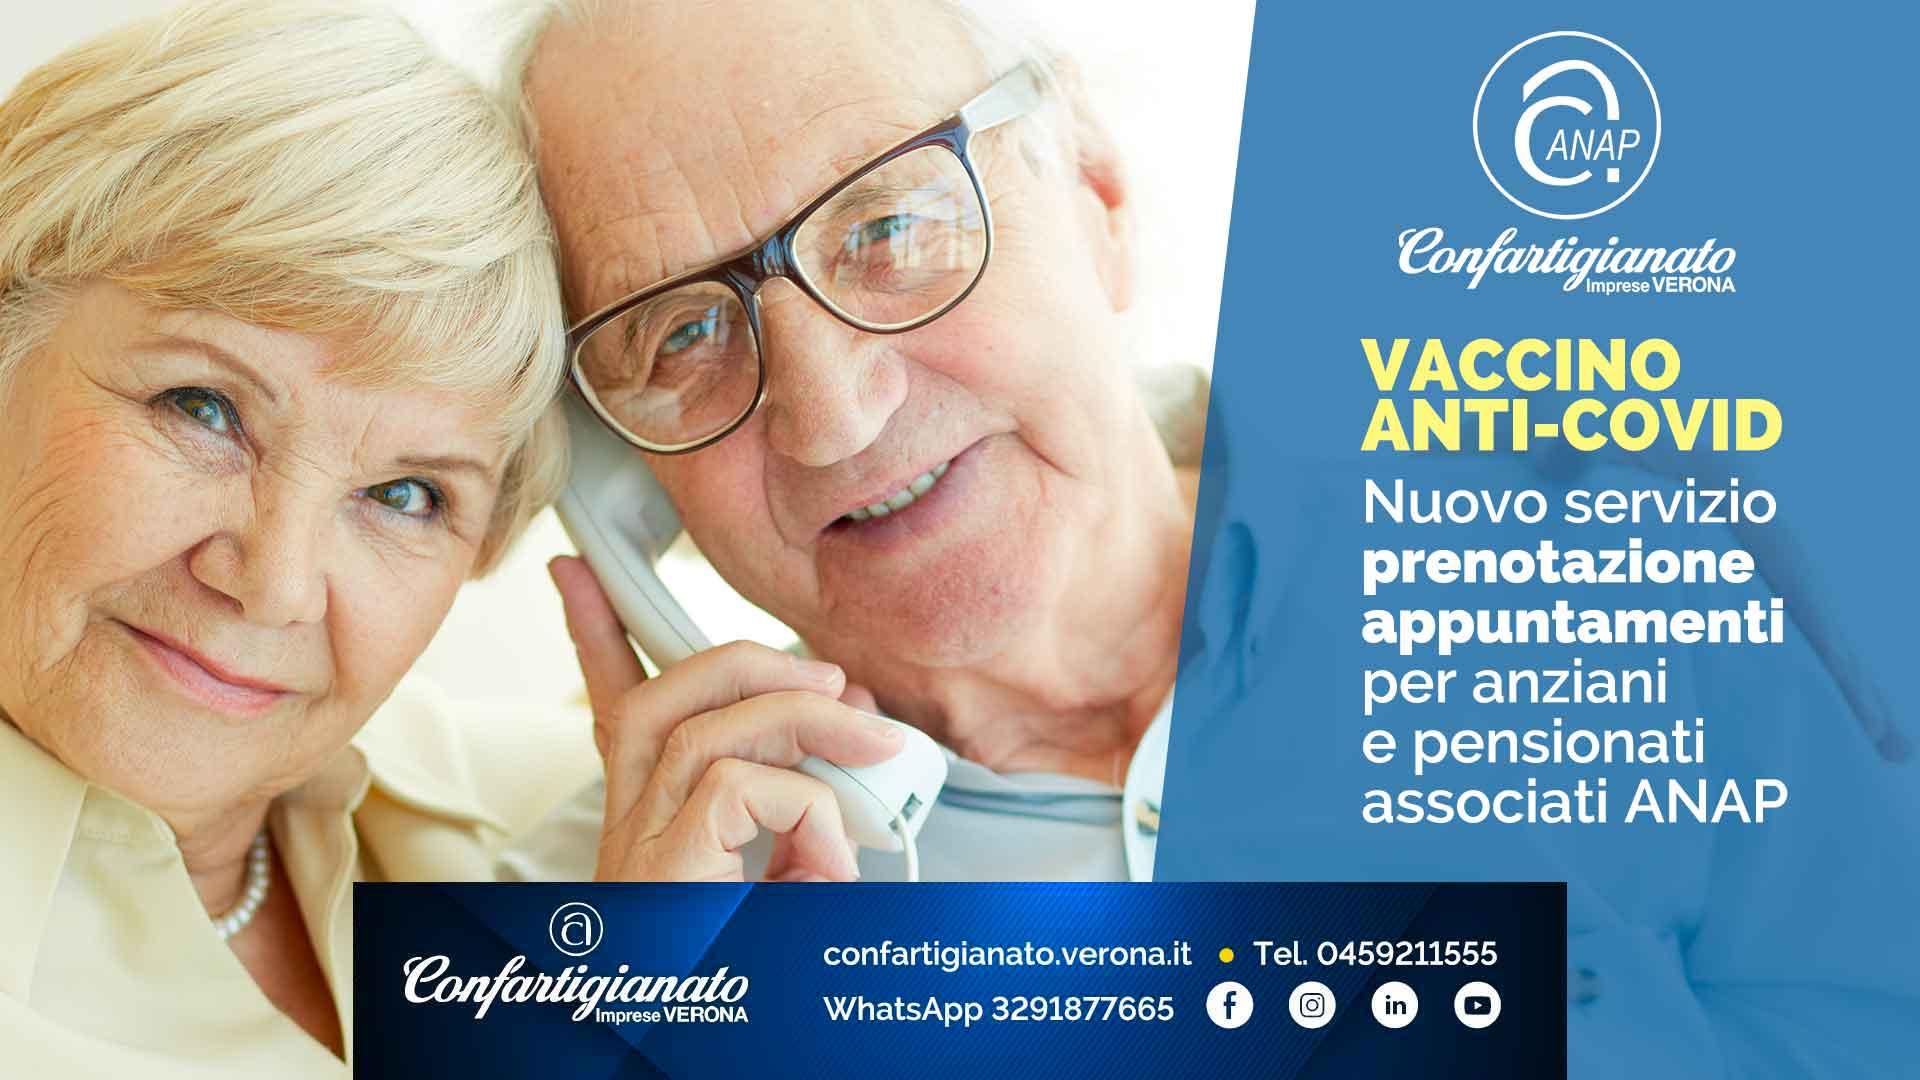 ANAP – Vaccini anti-Covid: nuovo servizio prenotazione appuntamenti per anziani e pensionati associati ANAP